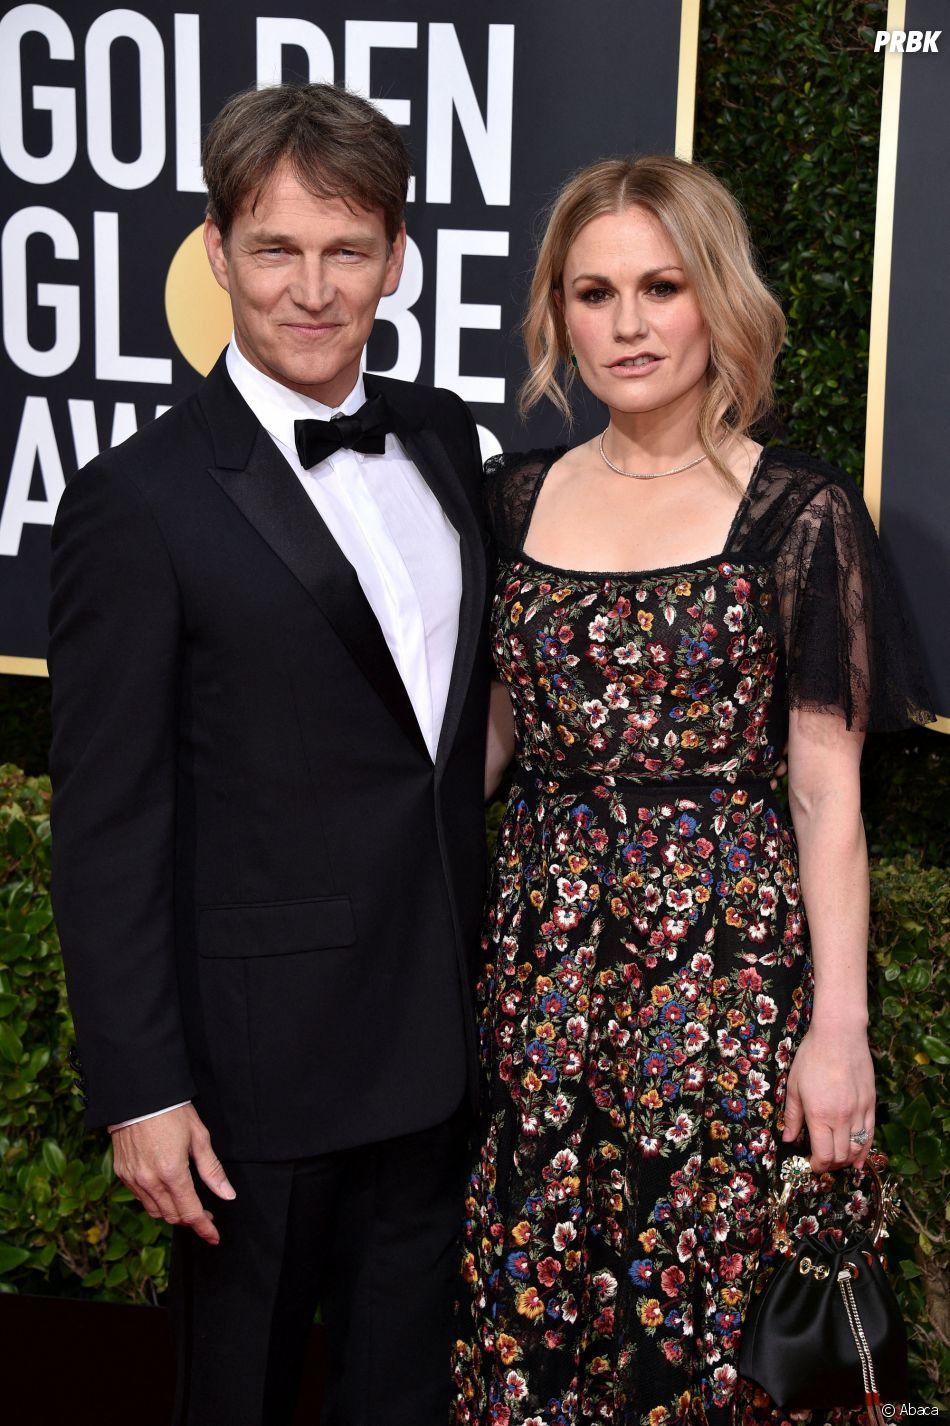 Stephen Moyet et Anna Paquin sur le tapis rouge des Golden Globes 2020 le 5 janvier à Los Angeles